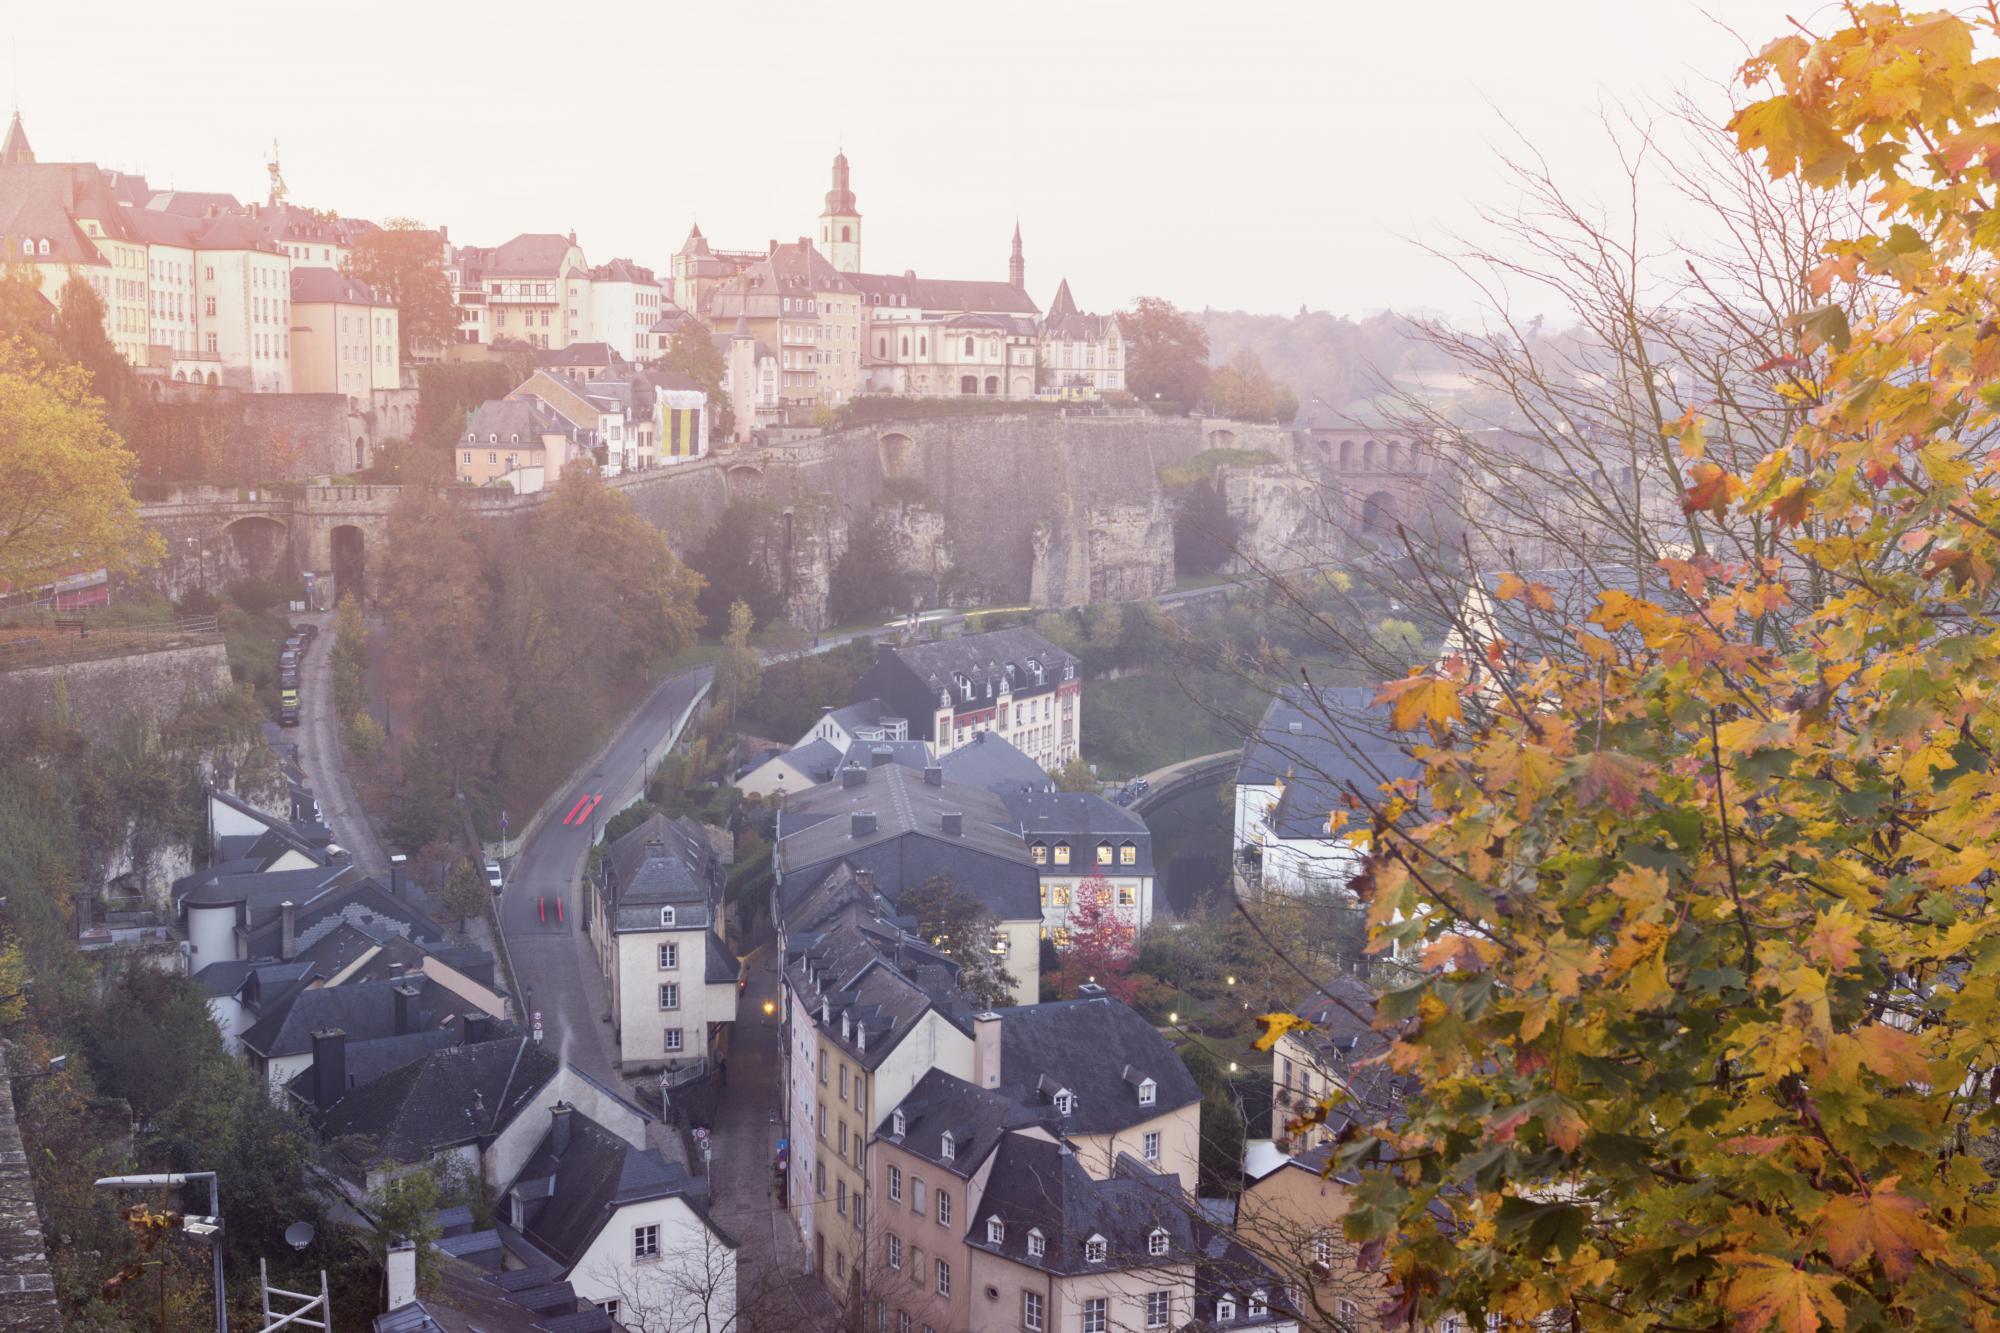 Люксембург пытается избавиться от ярлыка «налоговая гавань»